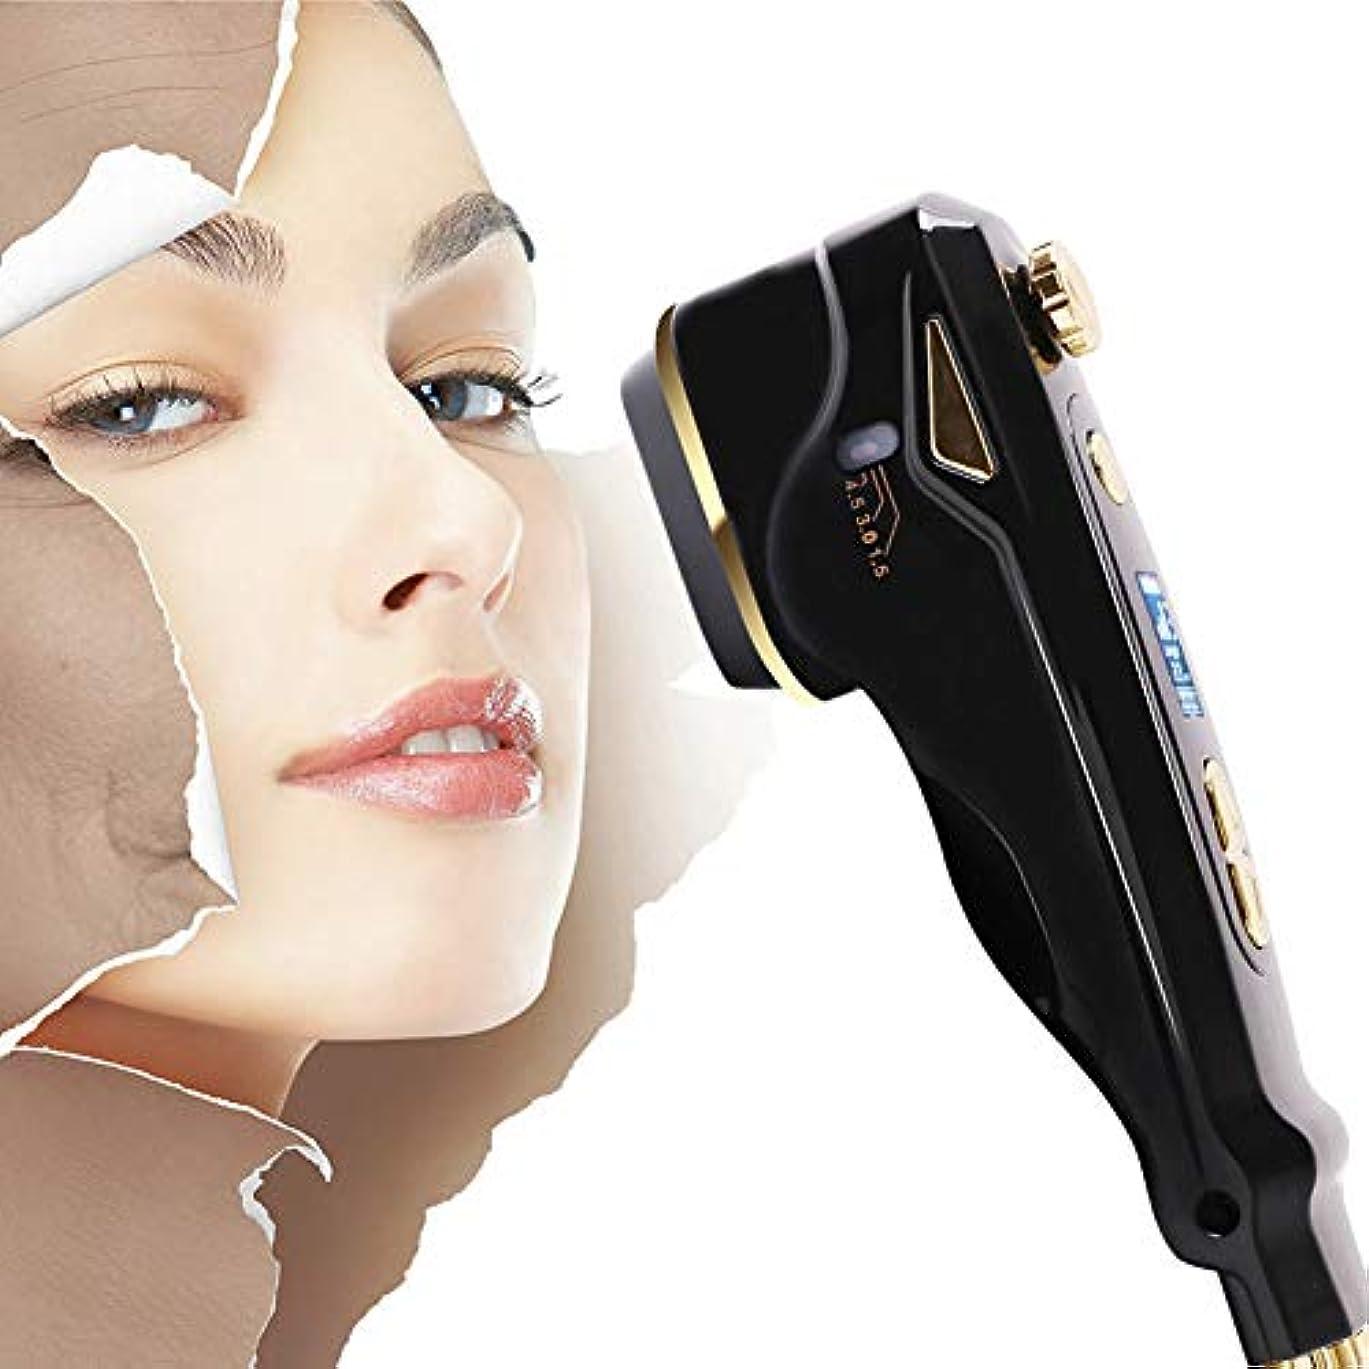 最終的にカジュアル湿地ミニ 1の3 HIFU アンチエイジング 改築 デバイス、 世帯 RF フェイシャル 美しさ 機械 へ 家庭での使用 肌の若返り、 首 しわの除去、 ホワイトニング、 肌の引き締め デバイス